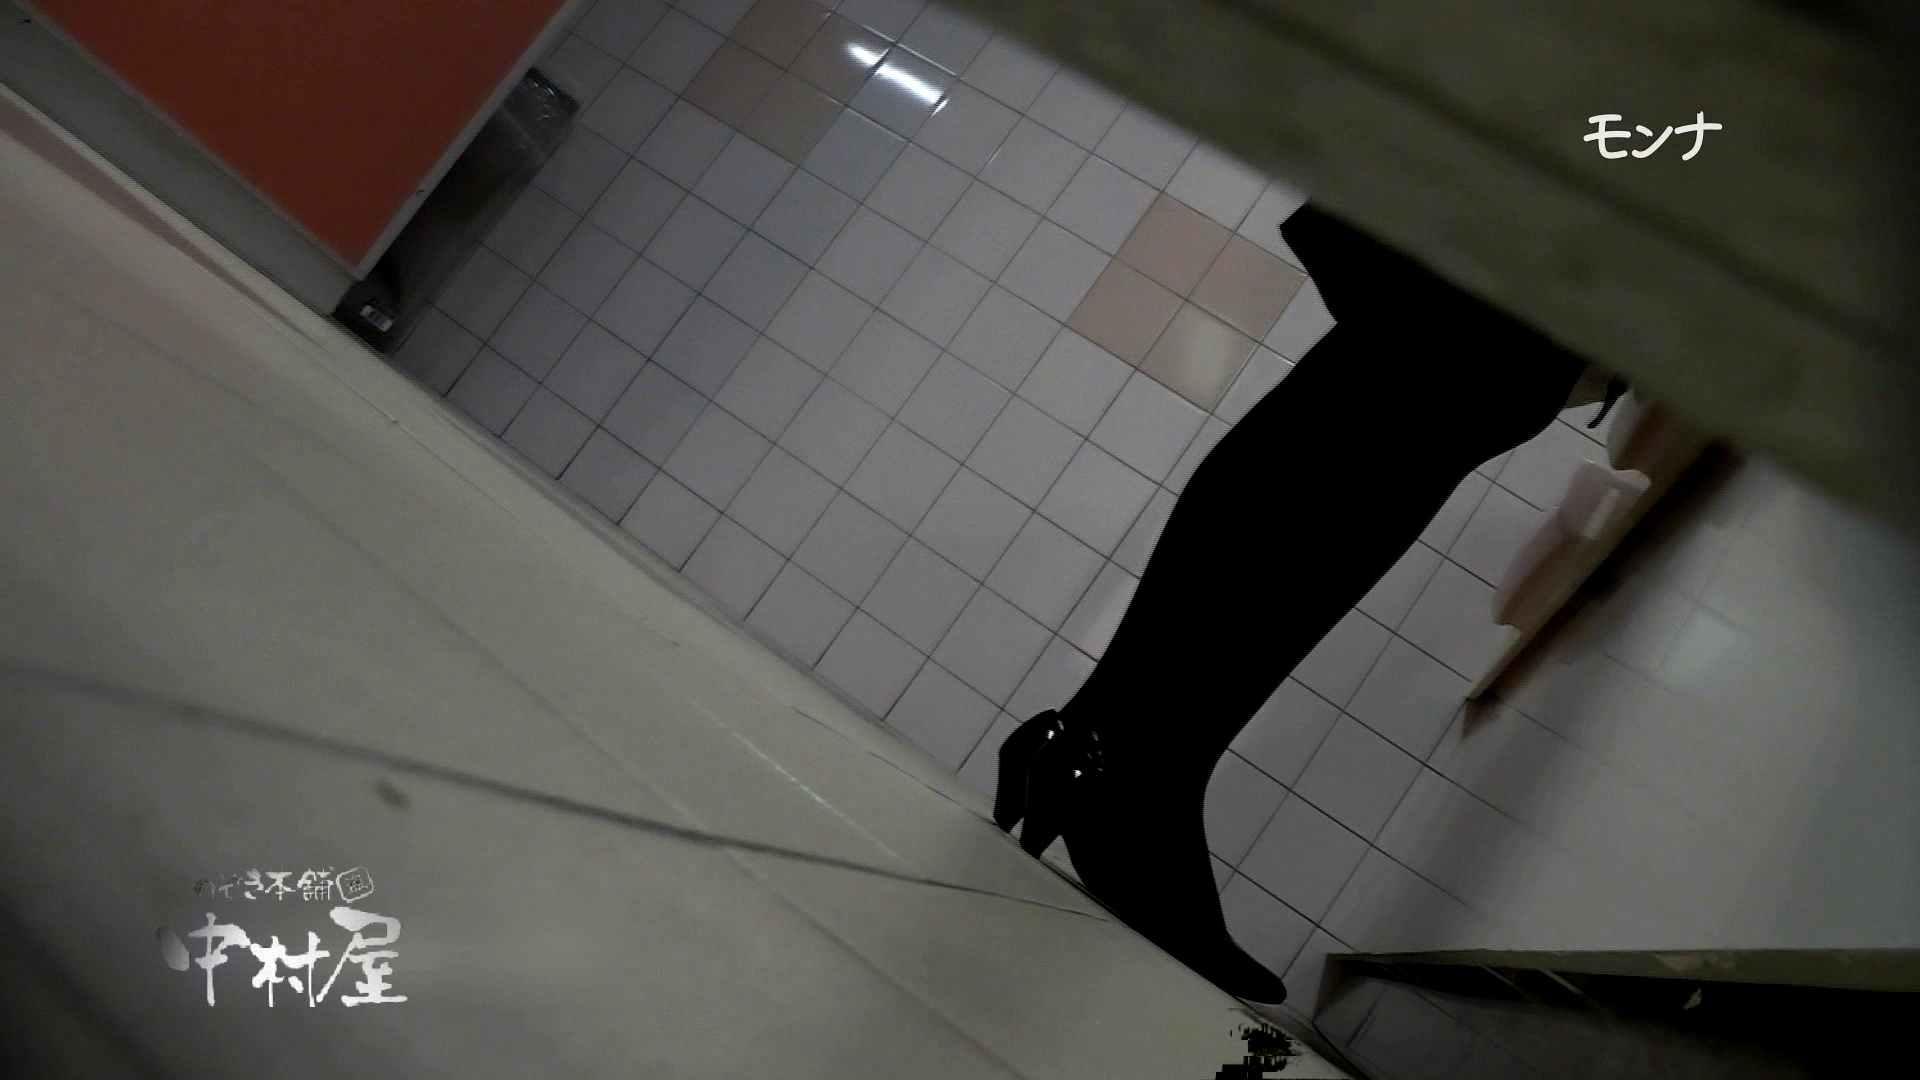 【美しい日本の未来】新学期!!下半身中心に攻めてます美女可愛い女子悪戯盗satuトイレ後編 下半身 覗きおまんこ画像 82連発 19